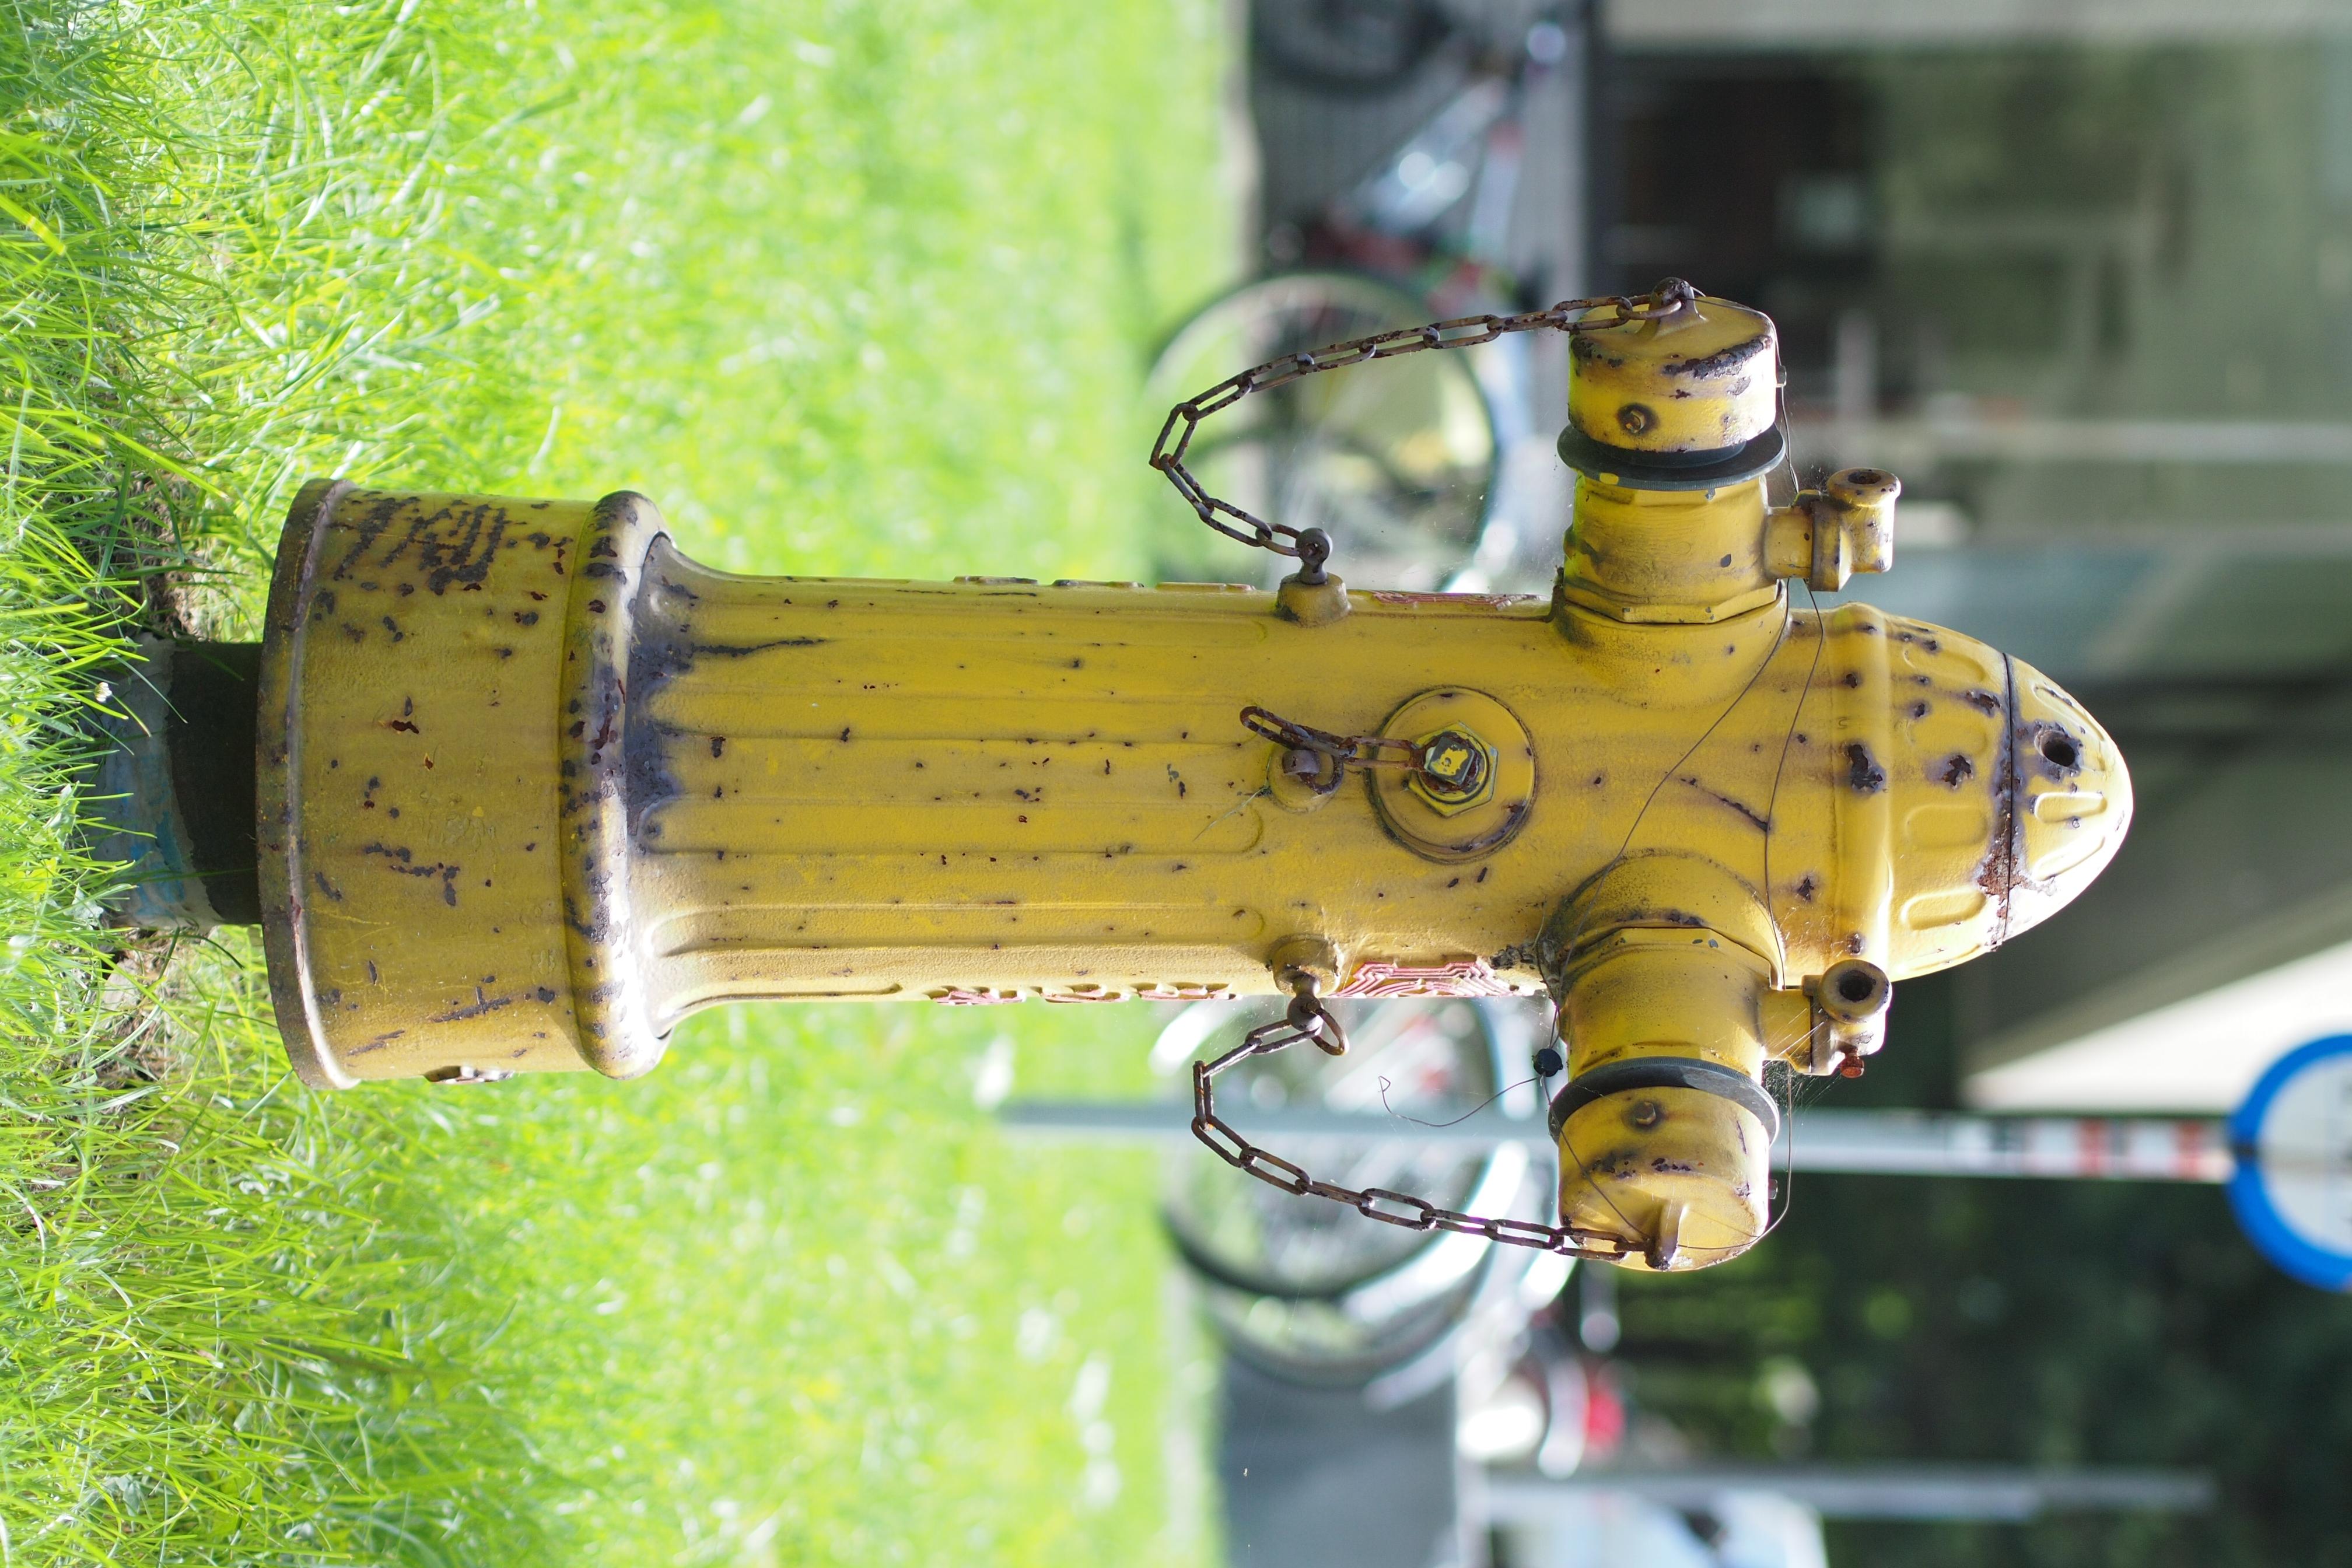 <b>こちらの消火栓はなぜか黄色が定番である。しかも、なぜか地面から少し浮いているのがまた不思議だったりする。E-P3 / M.ZUIKO DIGITAL 45mm F1.8 / 4,032×2,688 / 絞り優先AE / 1/1000秒 / F2 / 0.7EV / ISO200 / WB:太陽光</b>